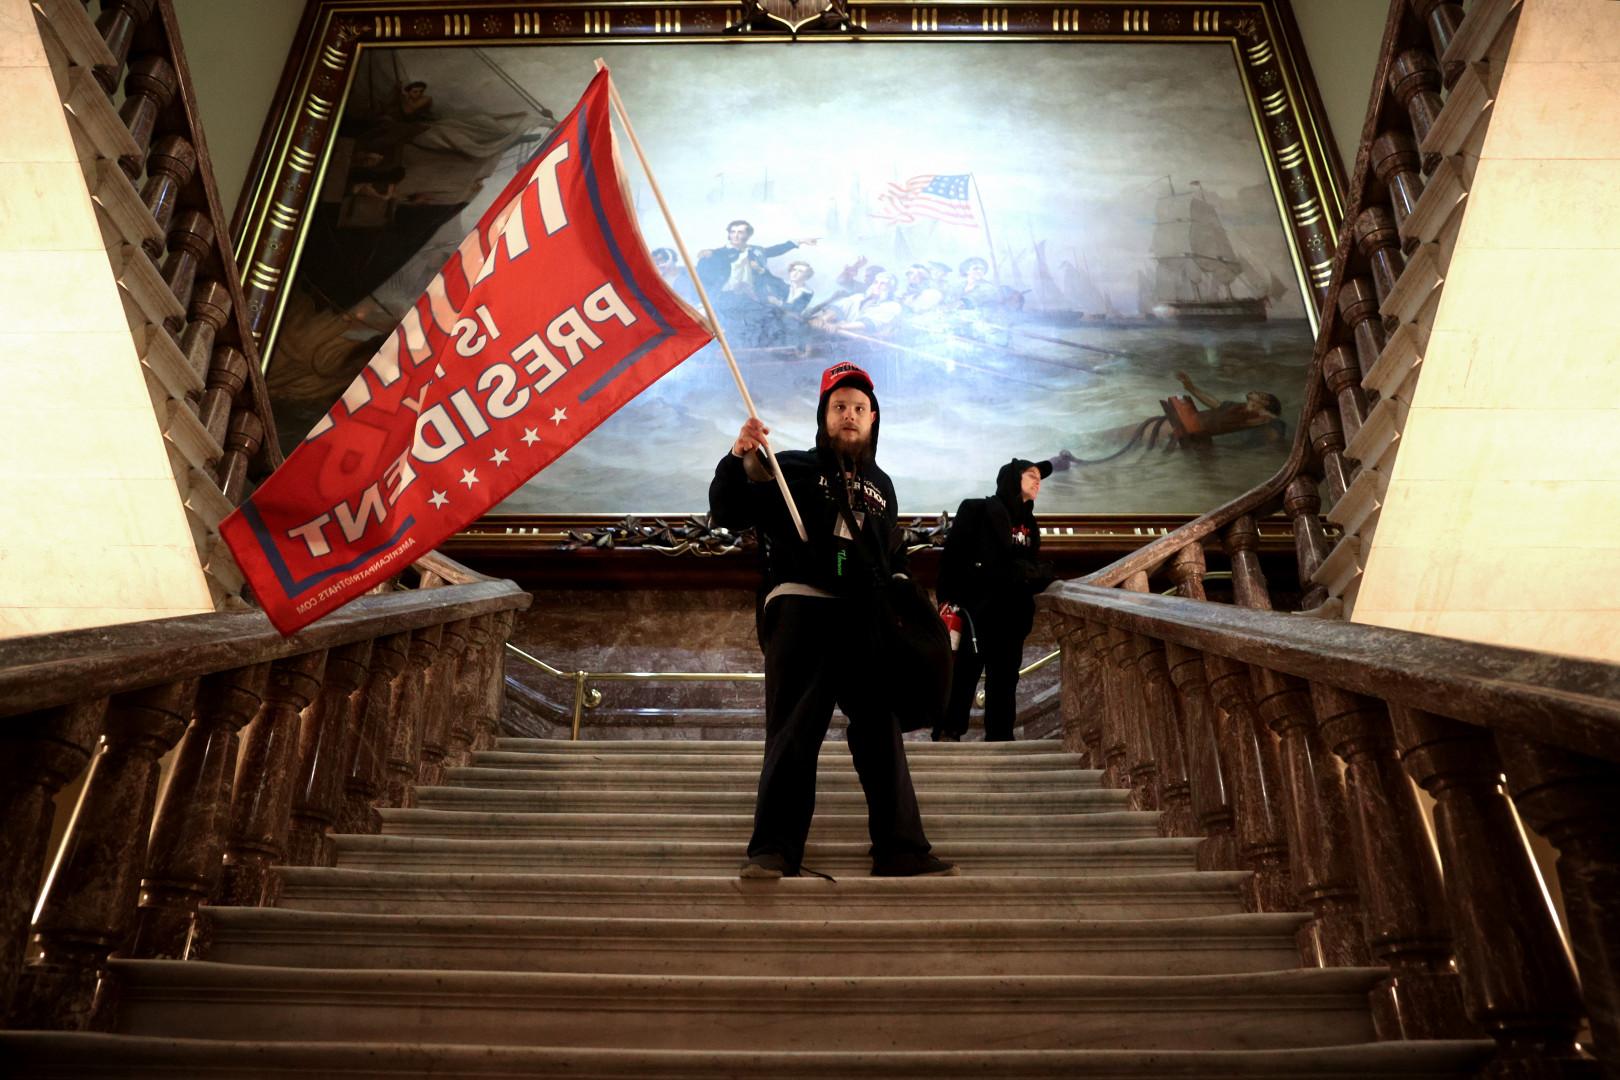 Un manifestant dans les escaliers du Congrès